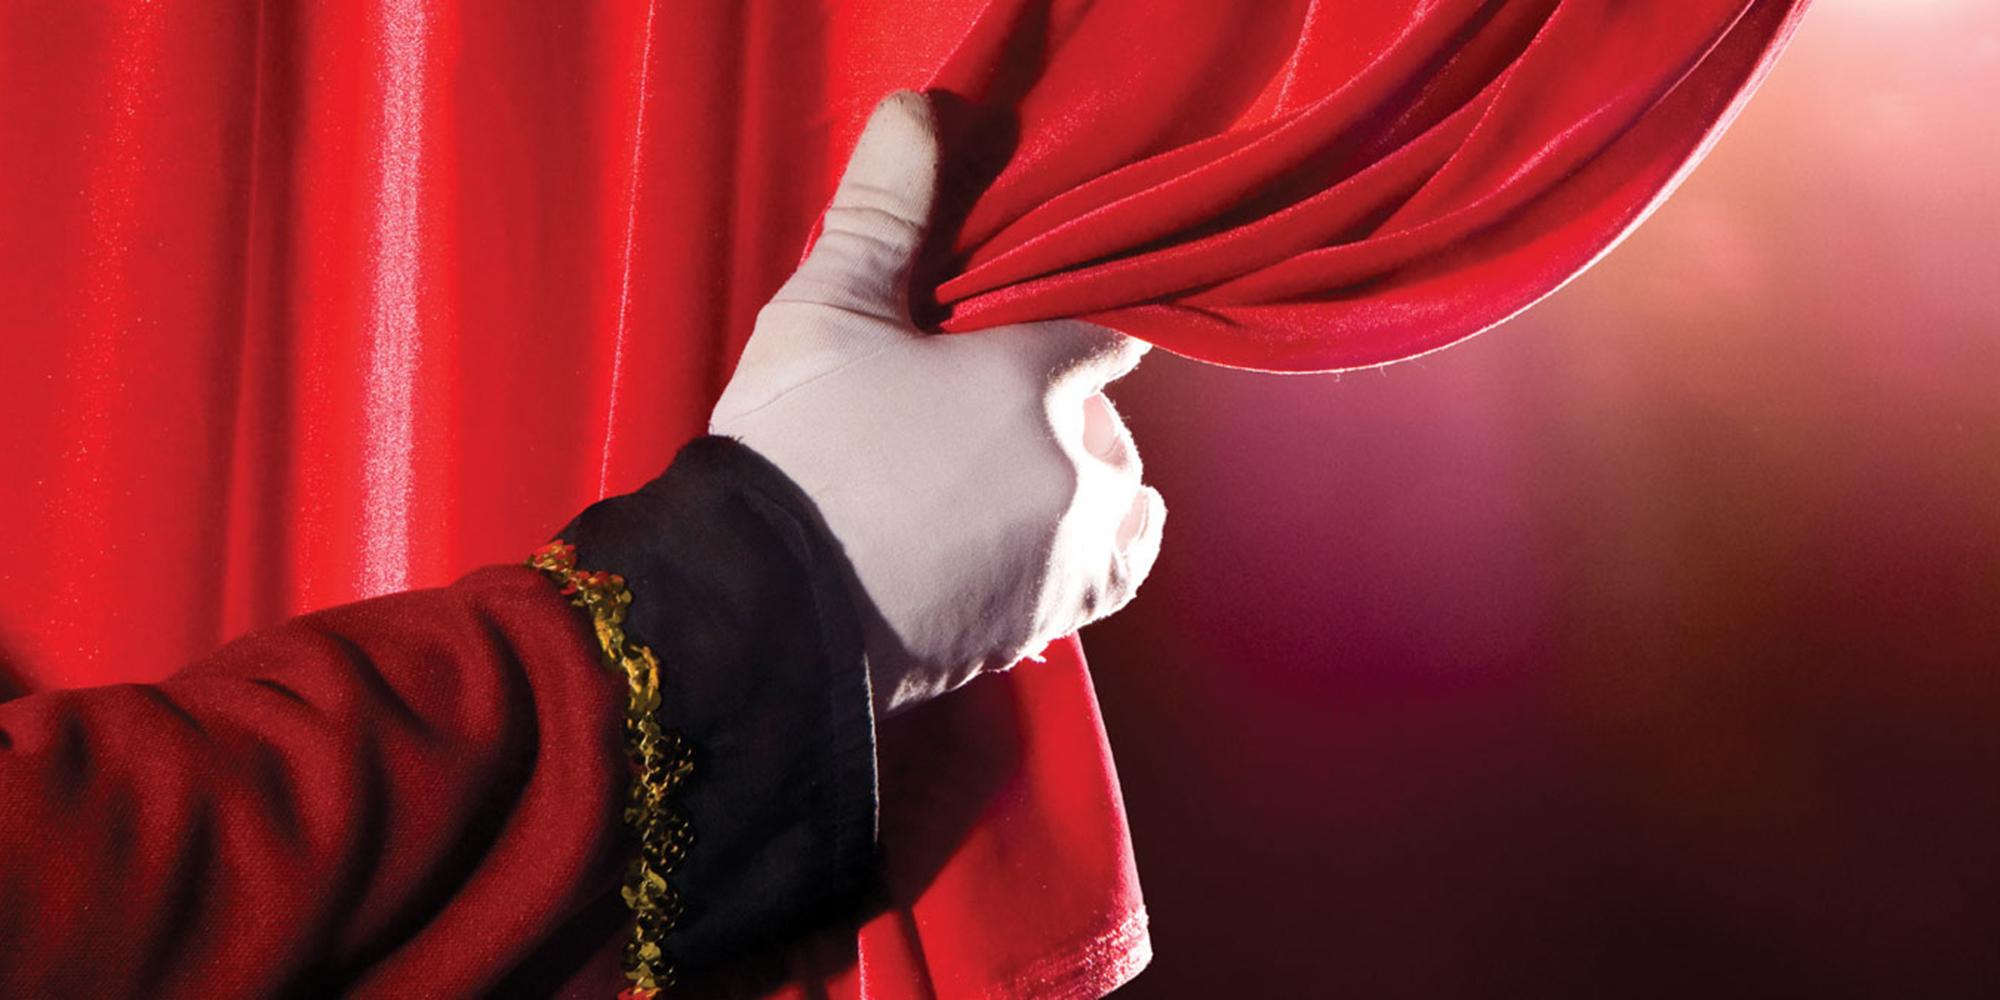 Október 25-én elkezdődött az új színházi évad az Aranyszöm Rendezvényházban!